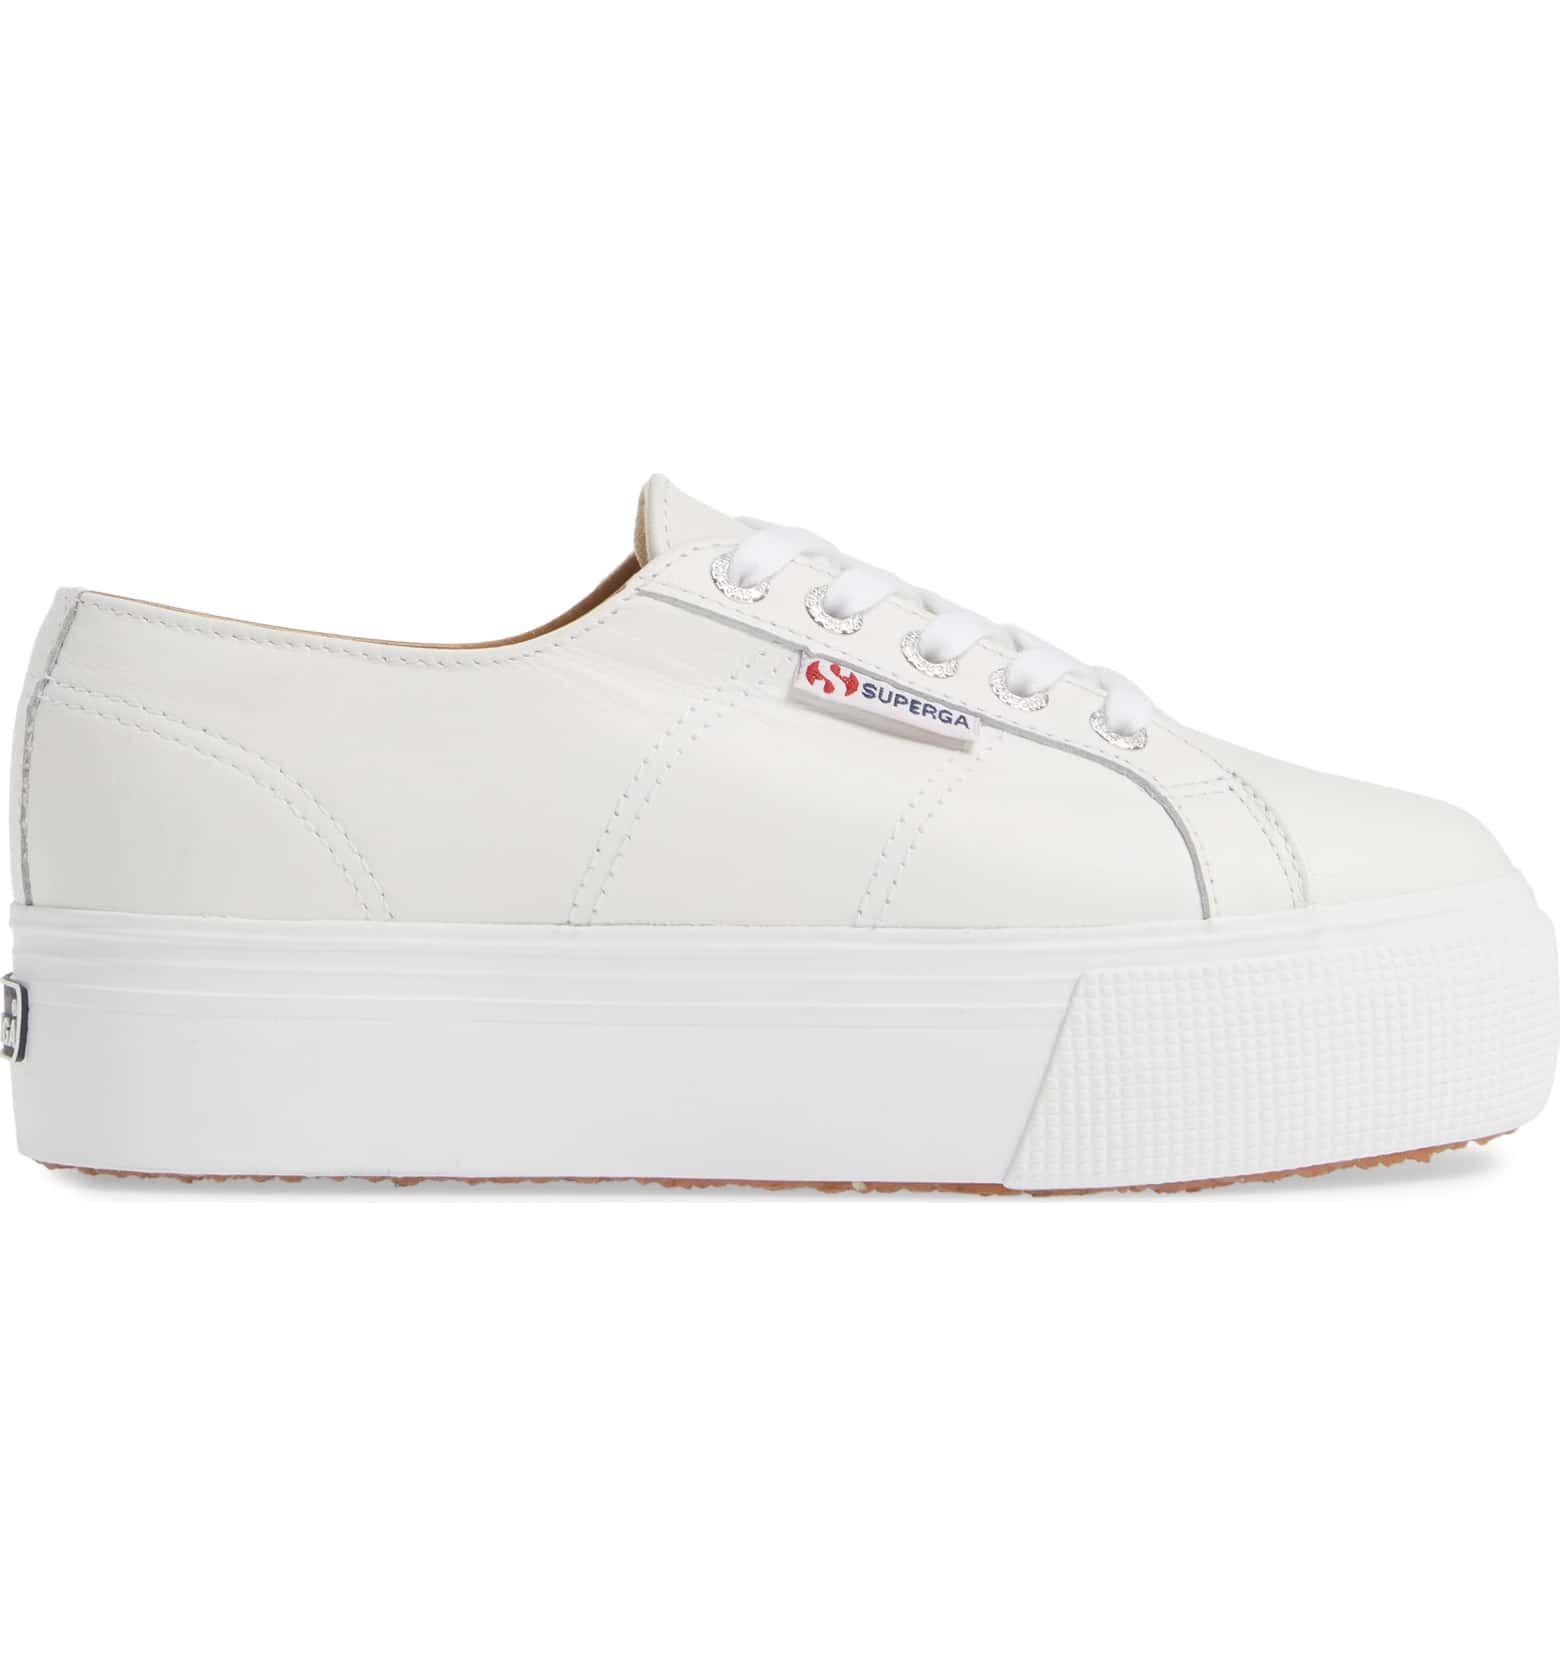 Superga 2790 Platform Sneaker (Women